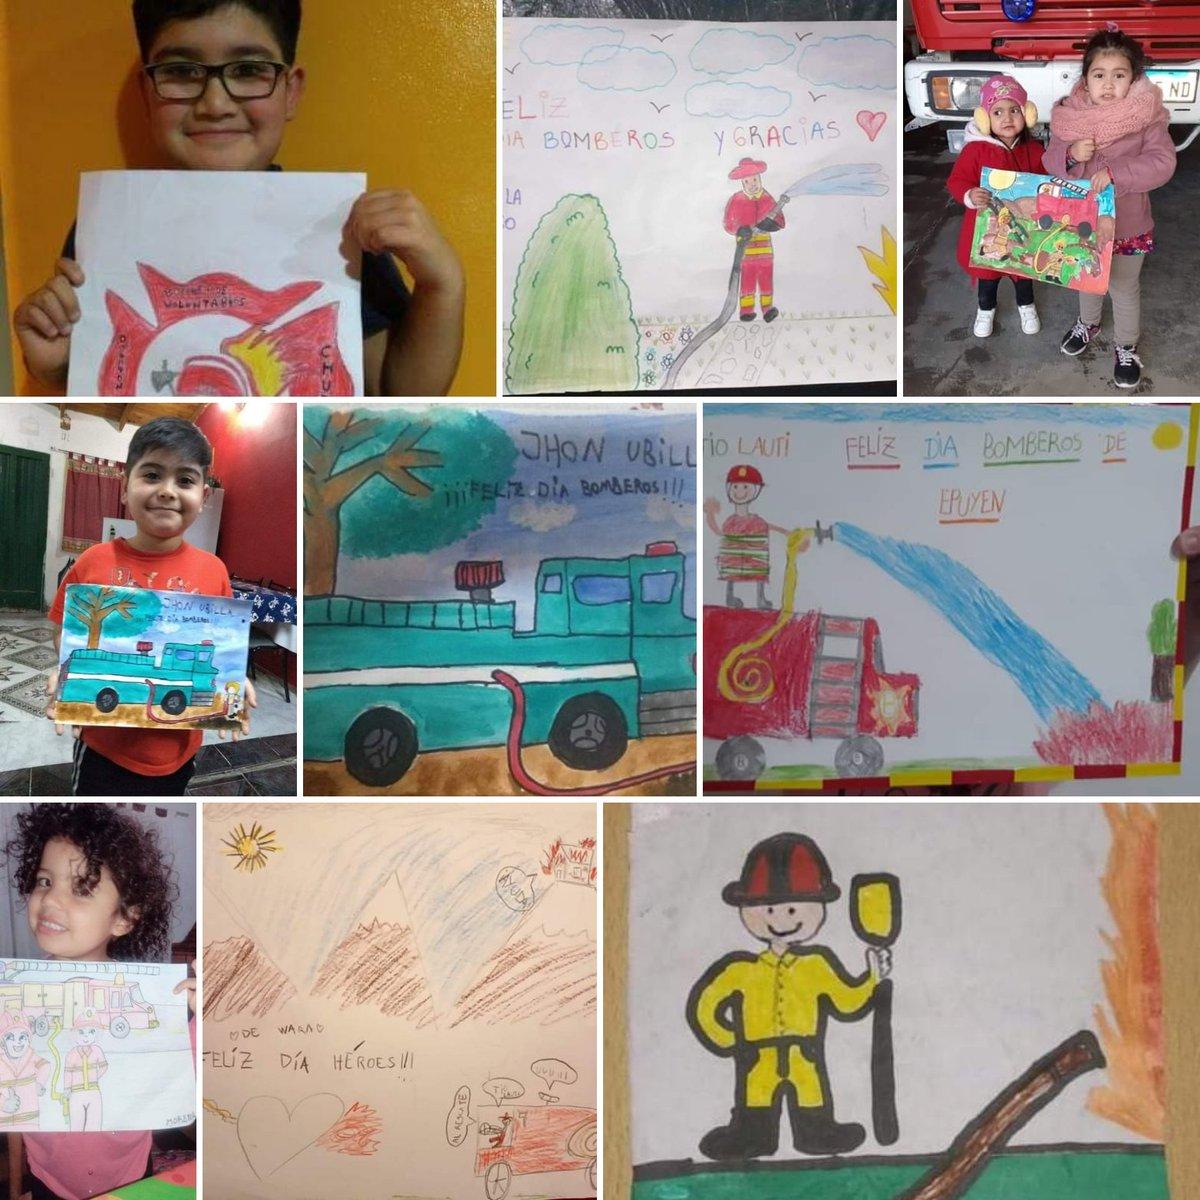 Mañana es el Día Nacional de los Bomberos Voluntarios. En los cuarteles de bomberos de #Epuyén #Dolavon y #RíoPico organizaron concursos de dibujos para los niños y han tenido una excelente respuesta. Acá 👇 algunos d los trabajos.  @grupochubut @lili_saez @fmElChubut901 https://t.co/oH2CnUJkG4